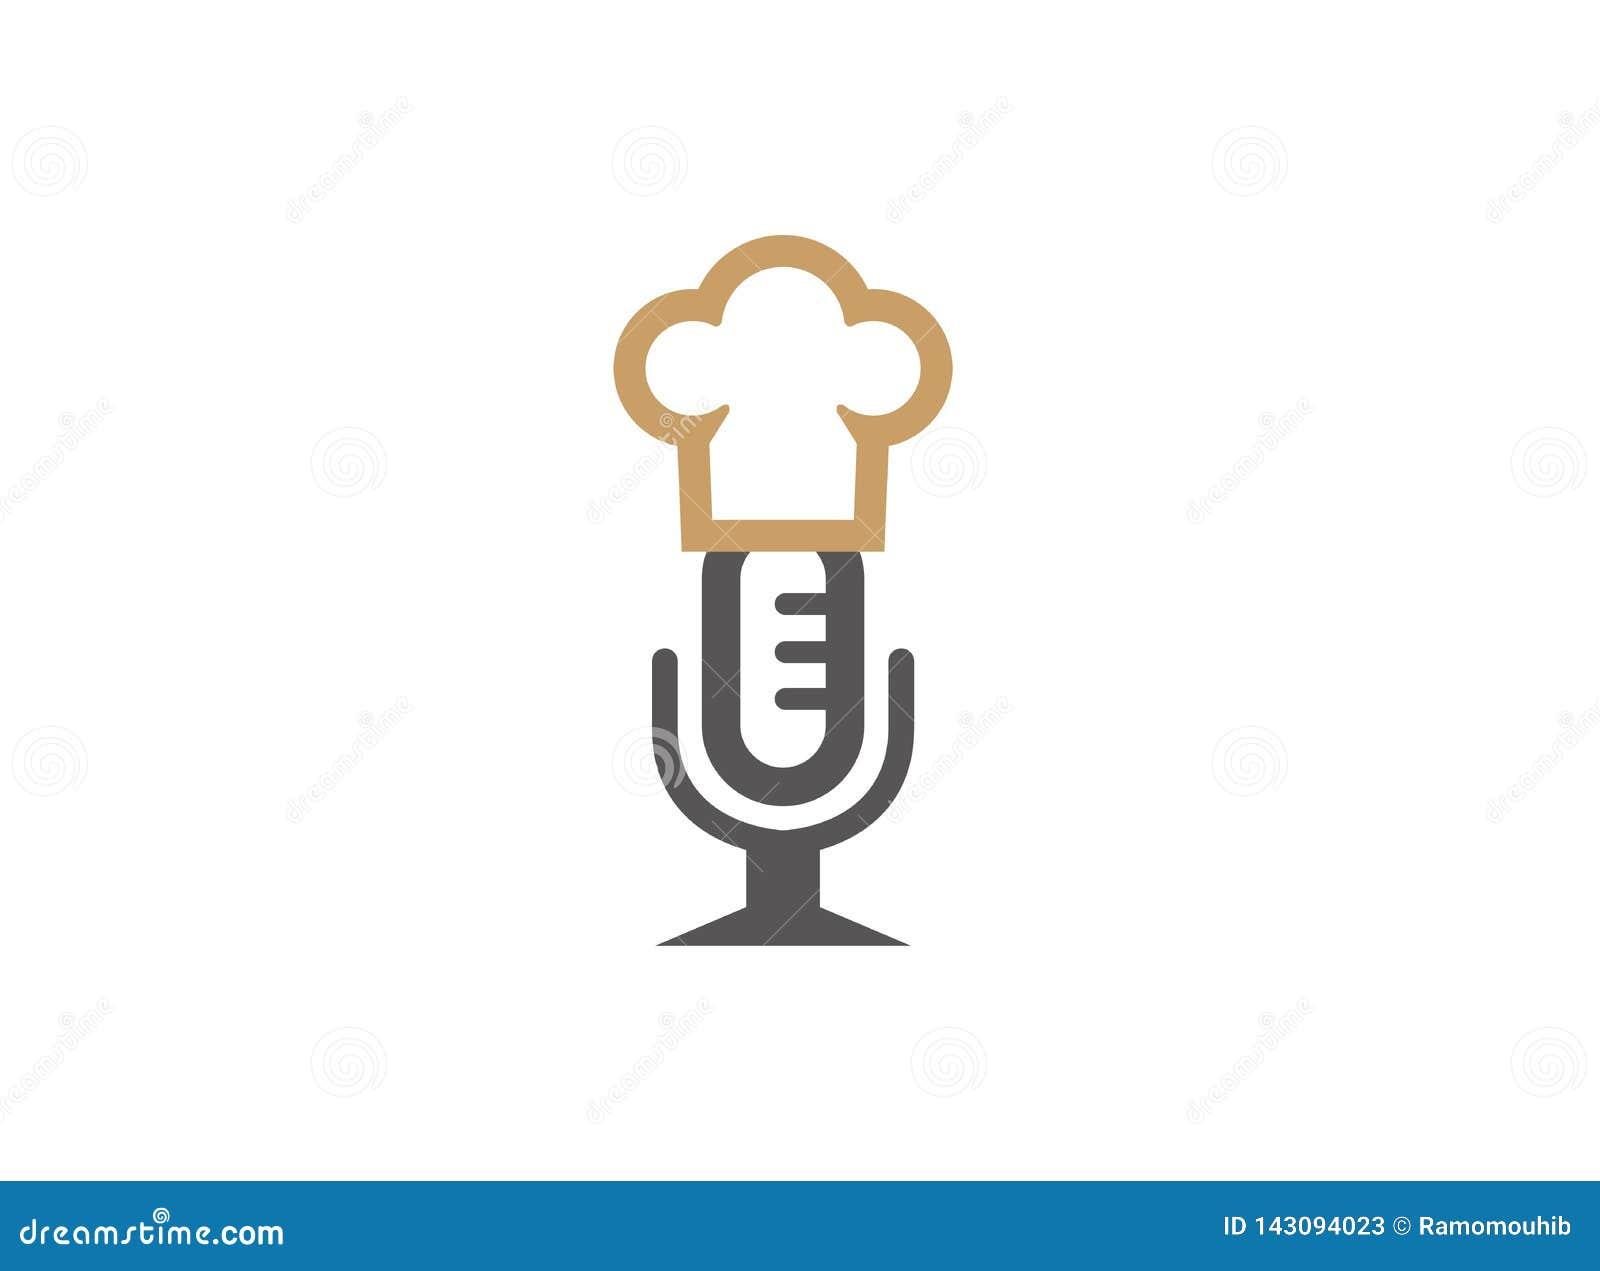 Μικρόφωνο ή speakerphone με το καπέλο κουζινών για το σχέδιο λογότυπων